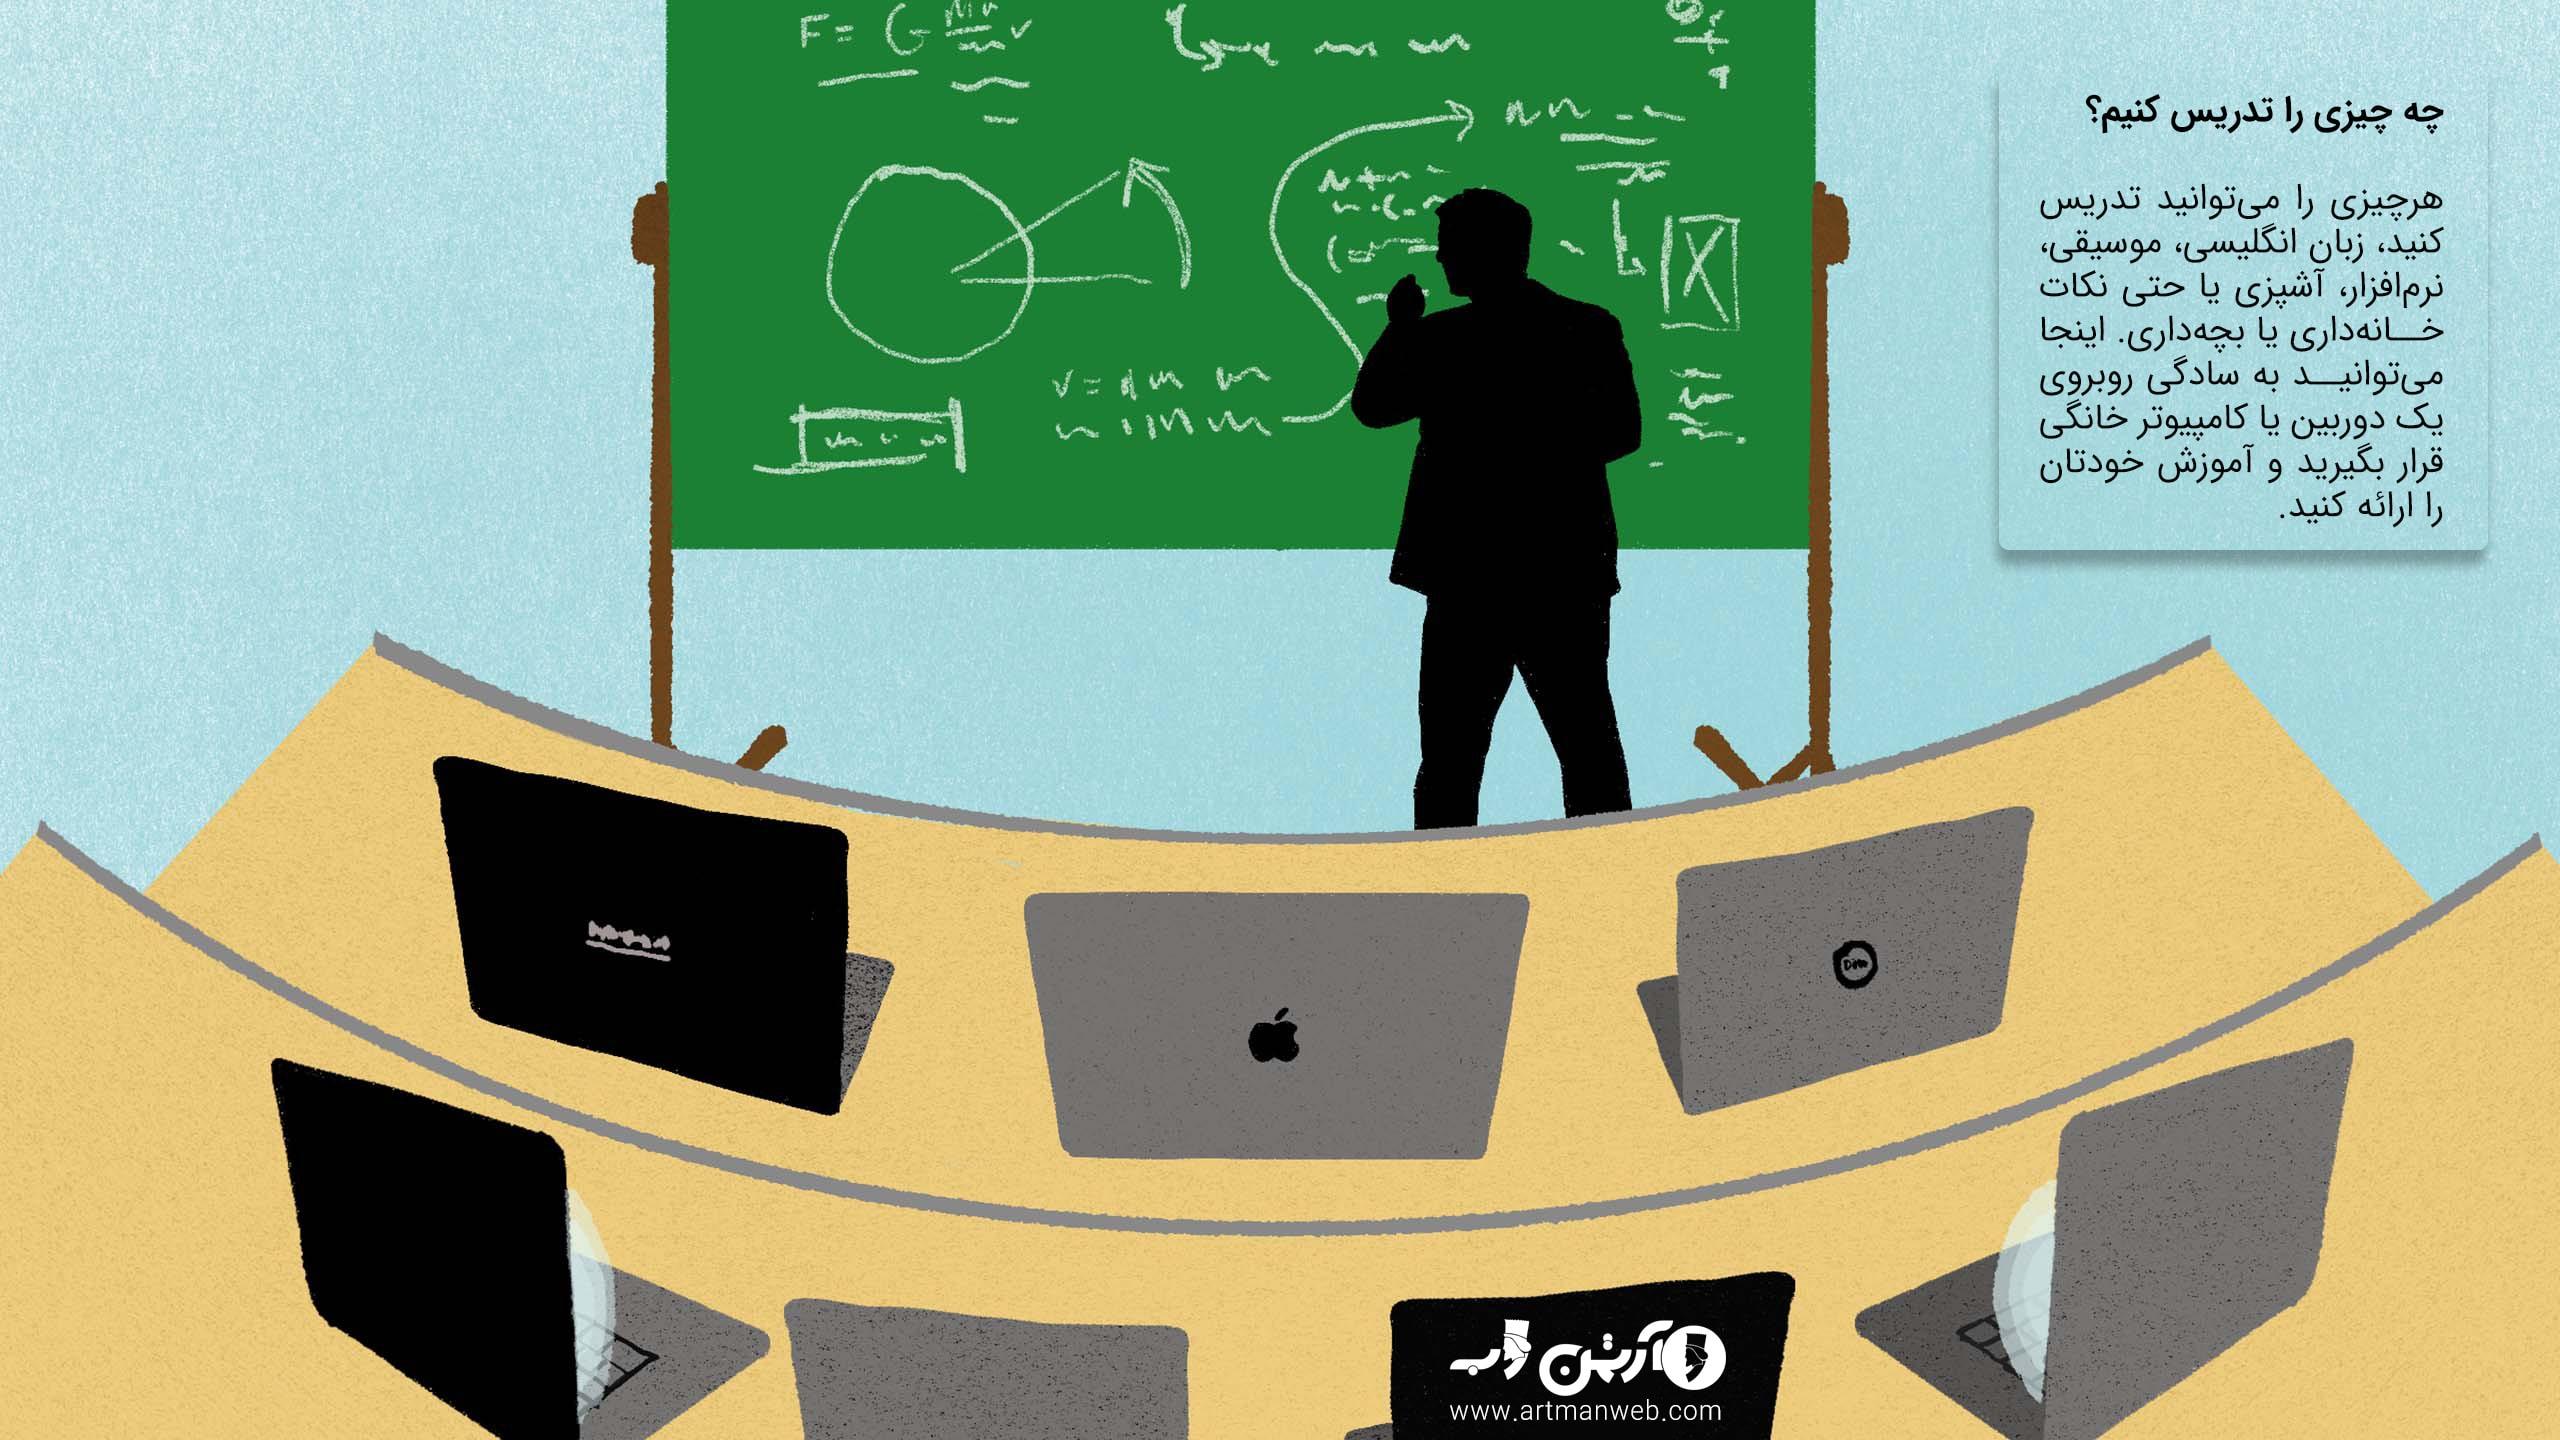 موفقیت کسب و کارهای مبتنی بر آموزش آنلاین